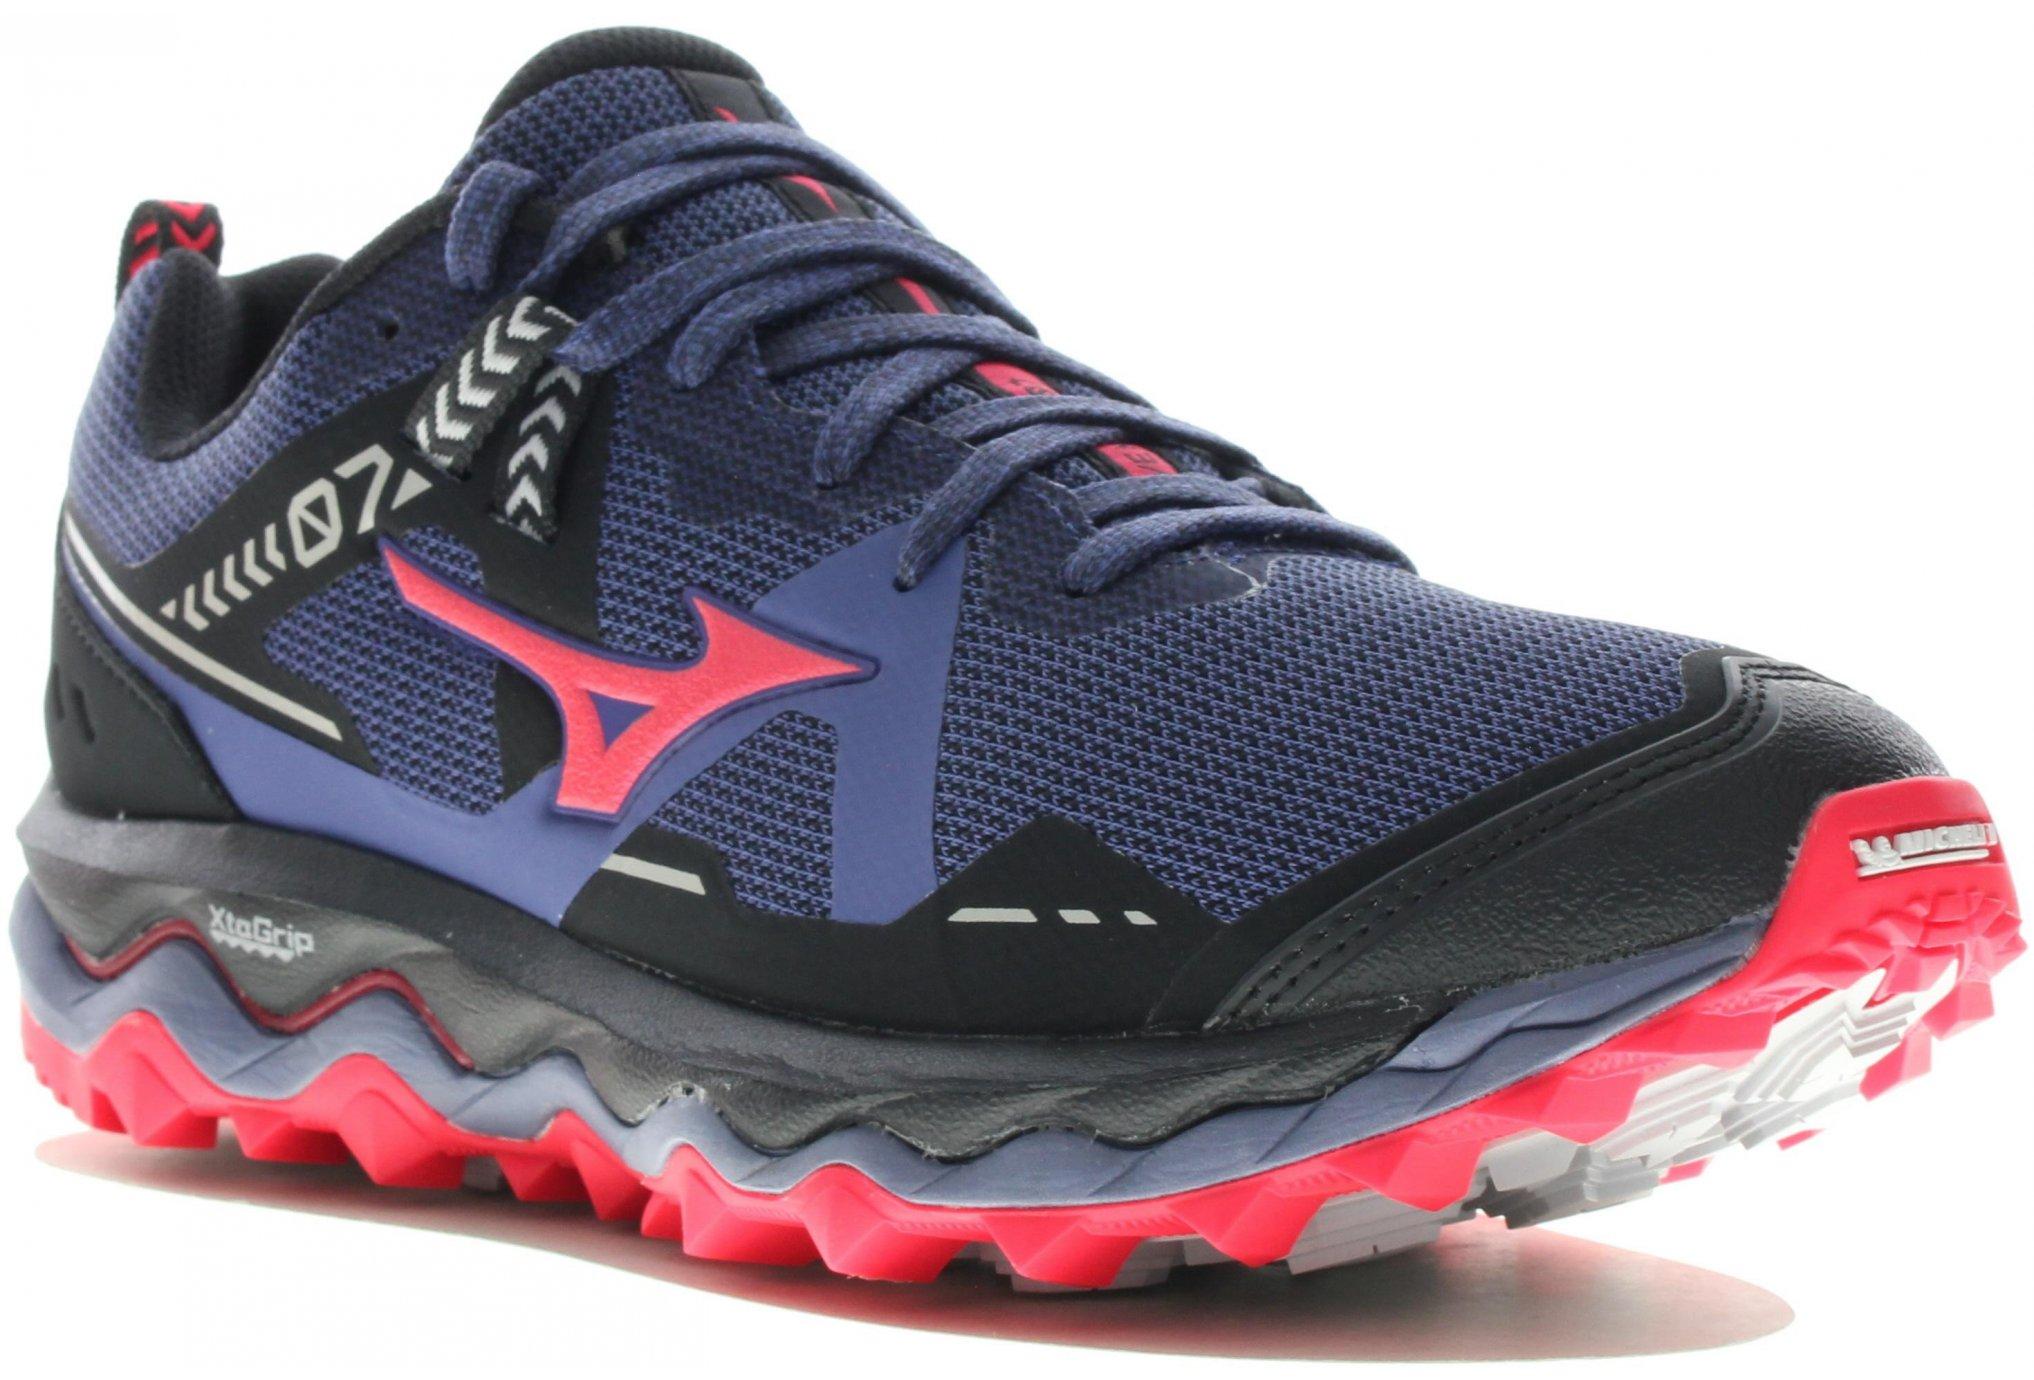 Mizuno Wave Mujin 7 W Chaussures running femme